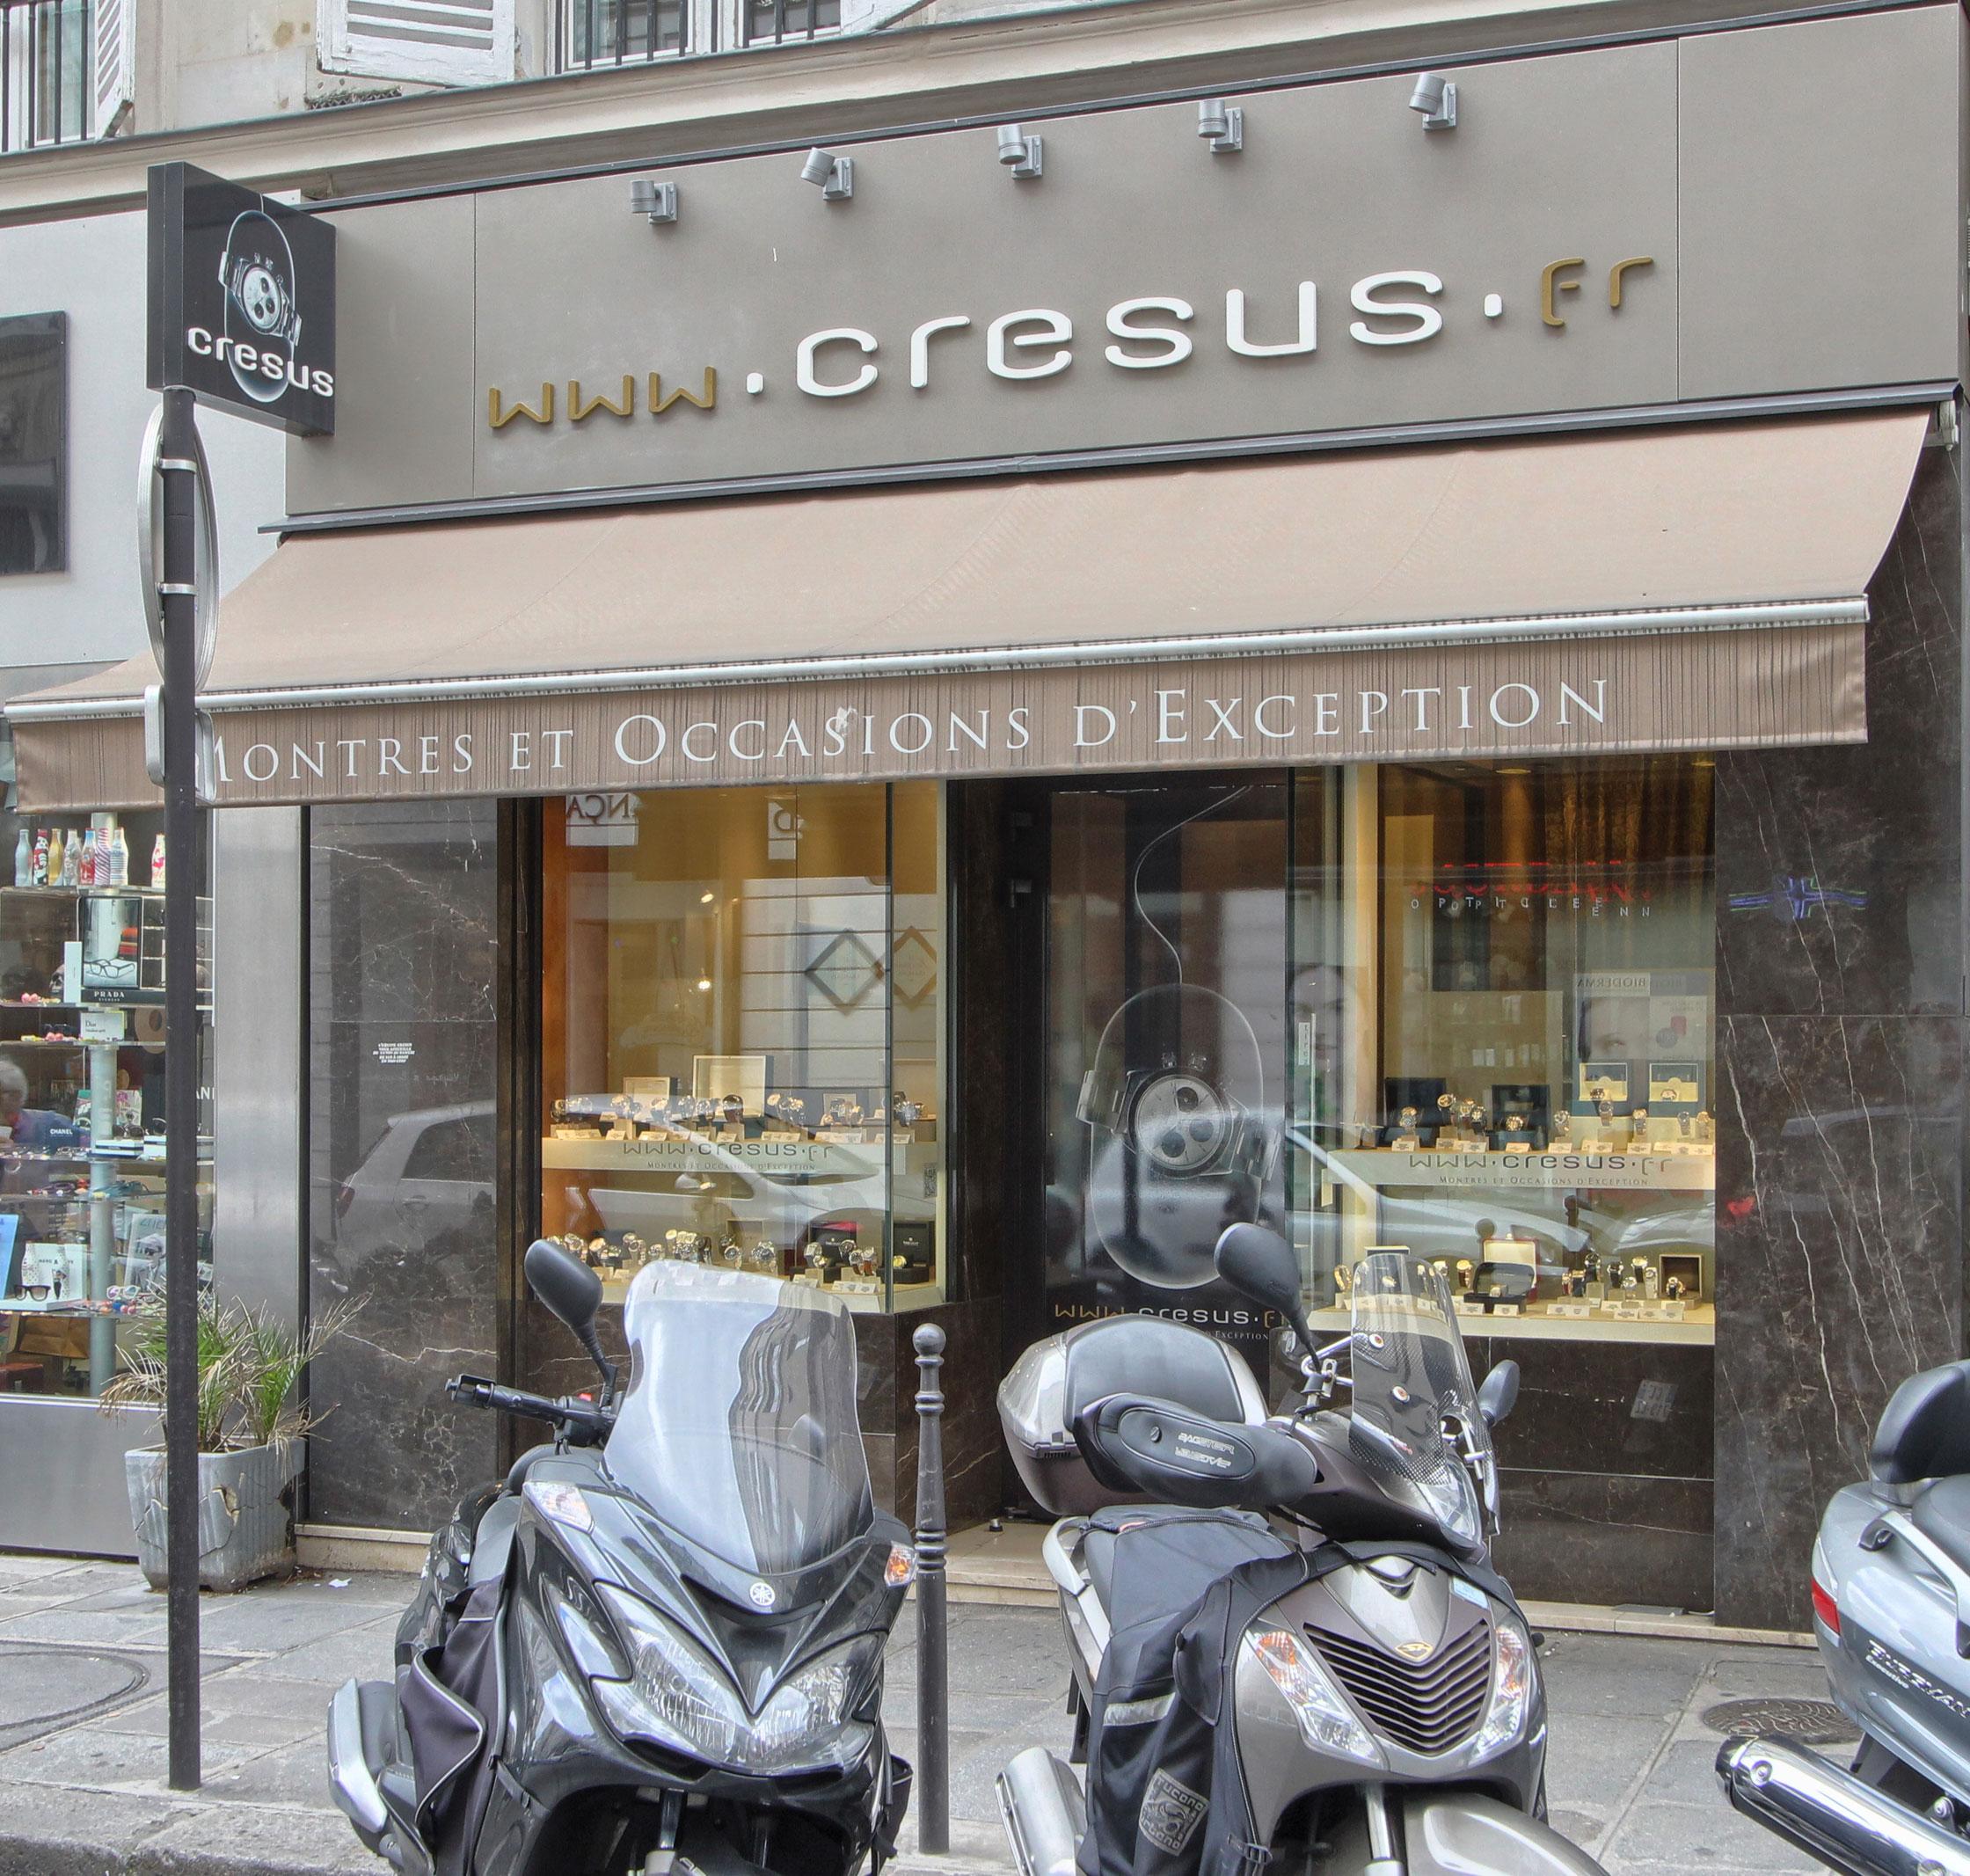 montre de luxe paris boutique cresus paris magasin bijoux paris. Black Bedroom Furniture Sets. Home Design Ideas